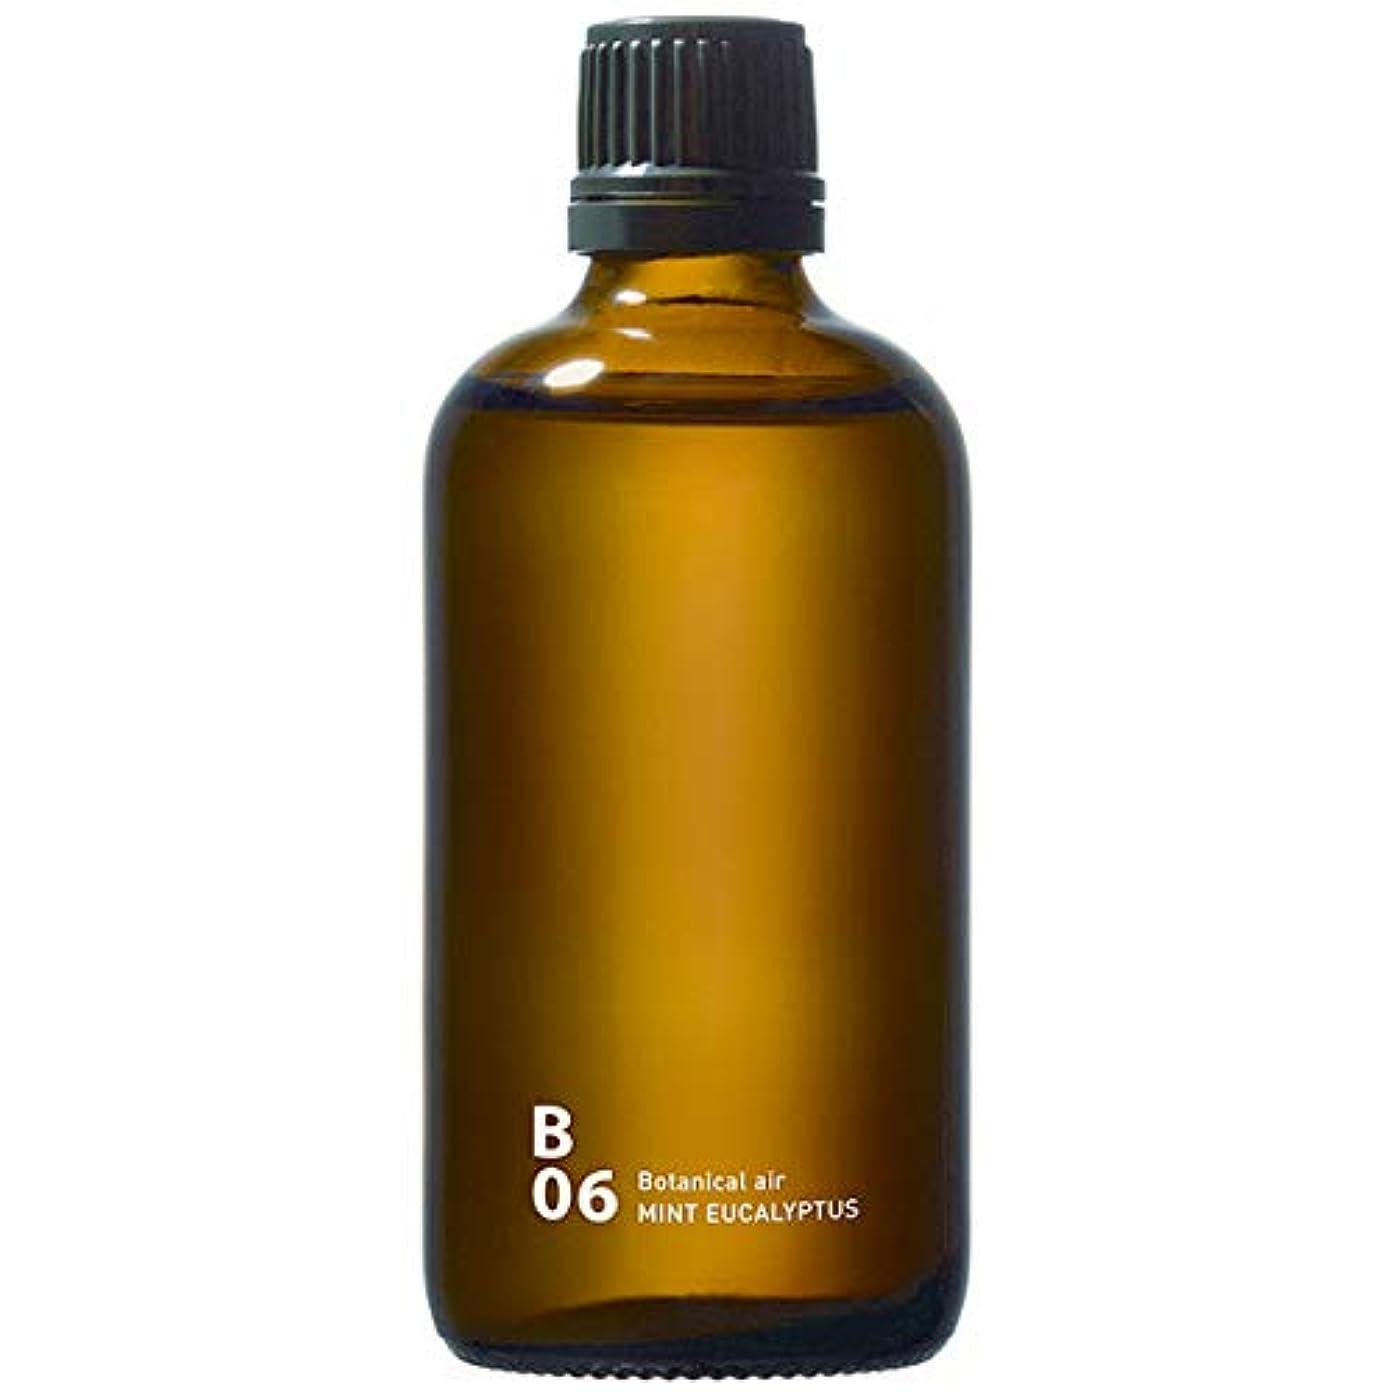 薬理学子豚報酬のB06 MINT EUCALYPTUS piezo aroma oil 100ml